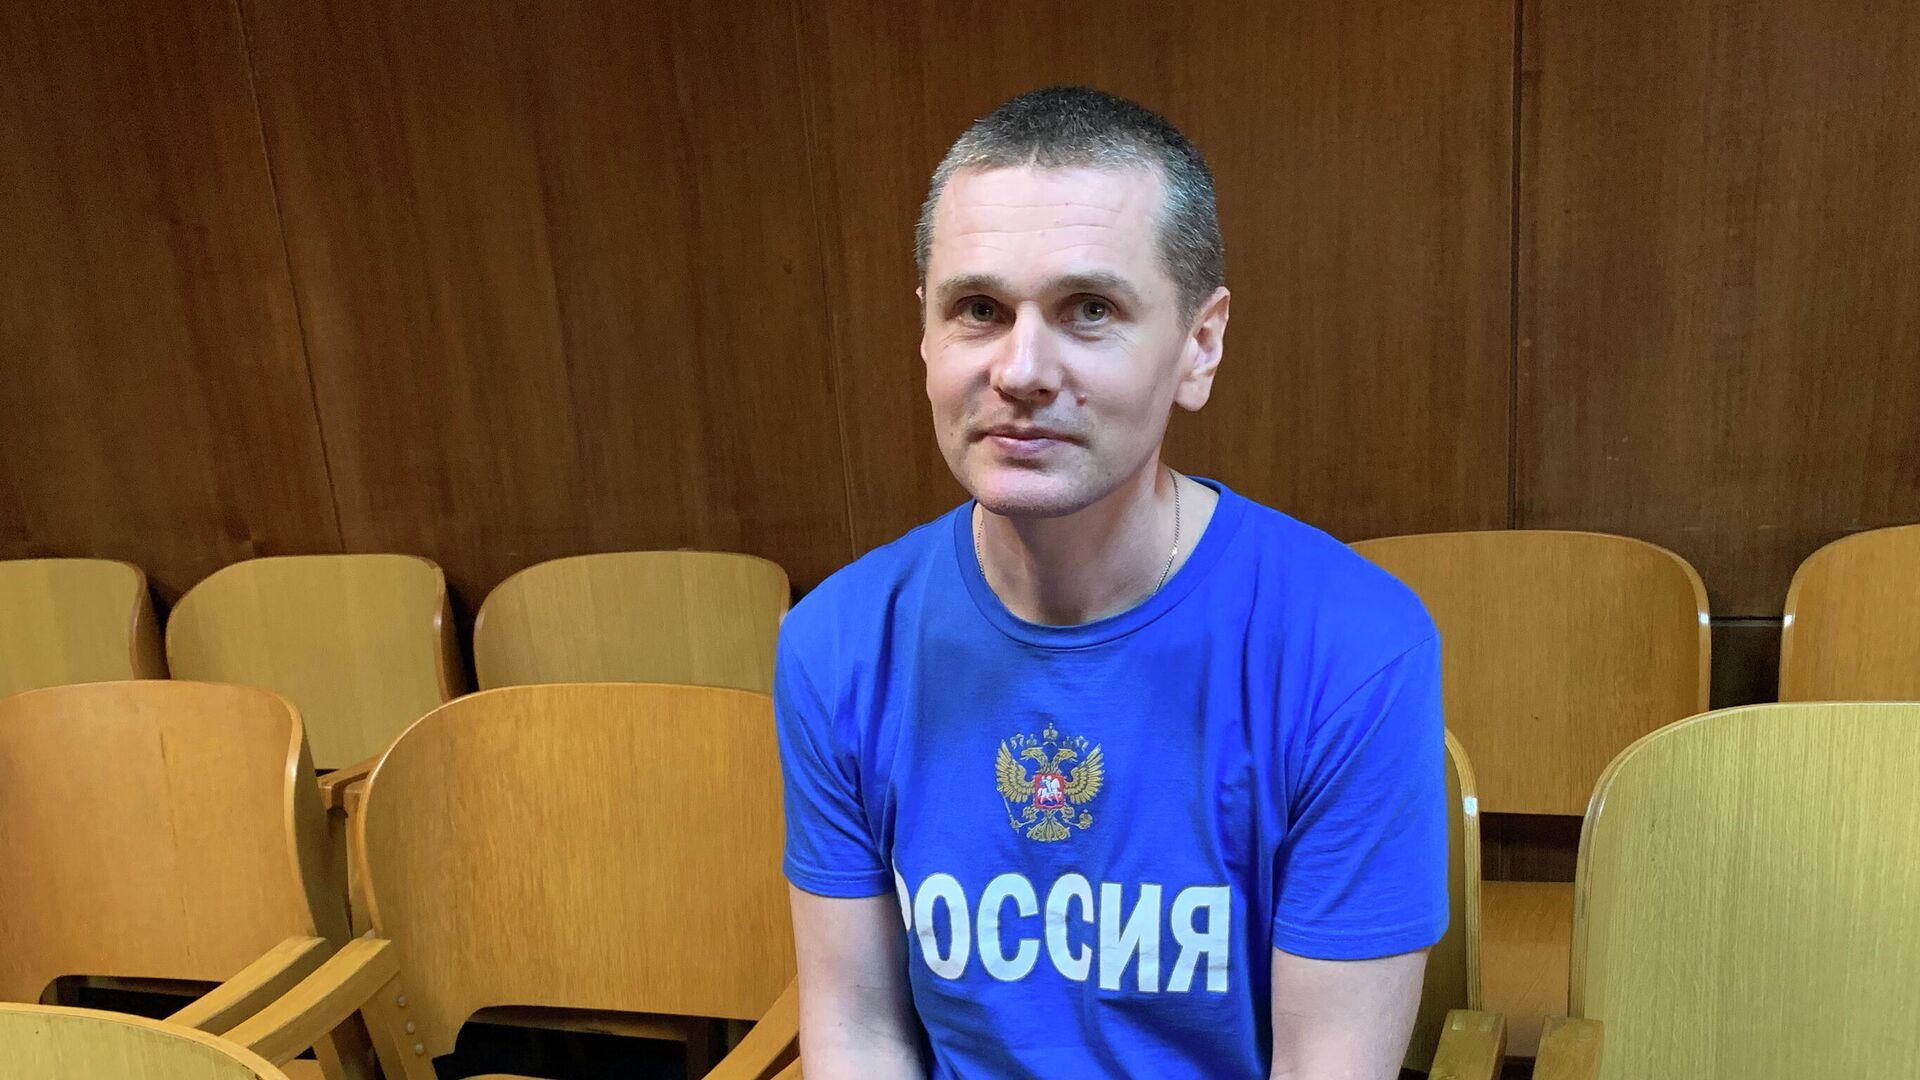 Россиянин Александр Винник, задержанный в Греции по запросу США - РИА Новости, 1920, 07.12.2020